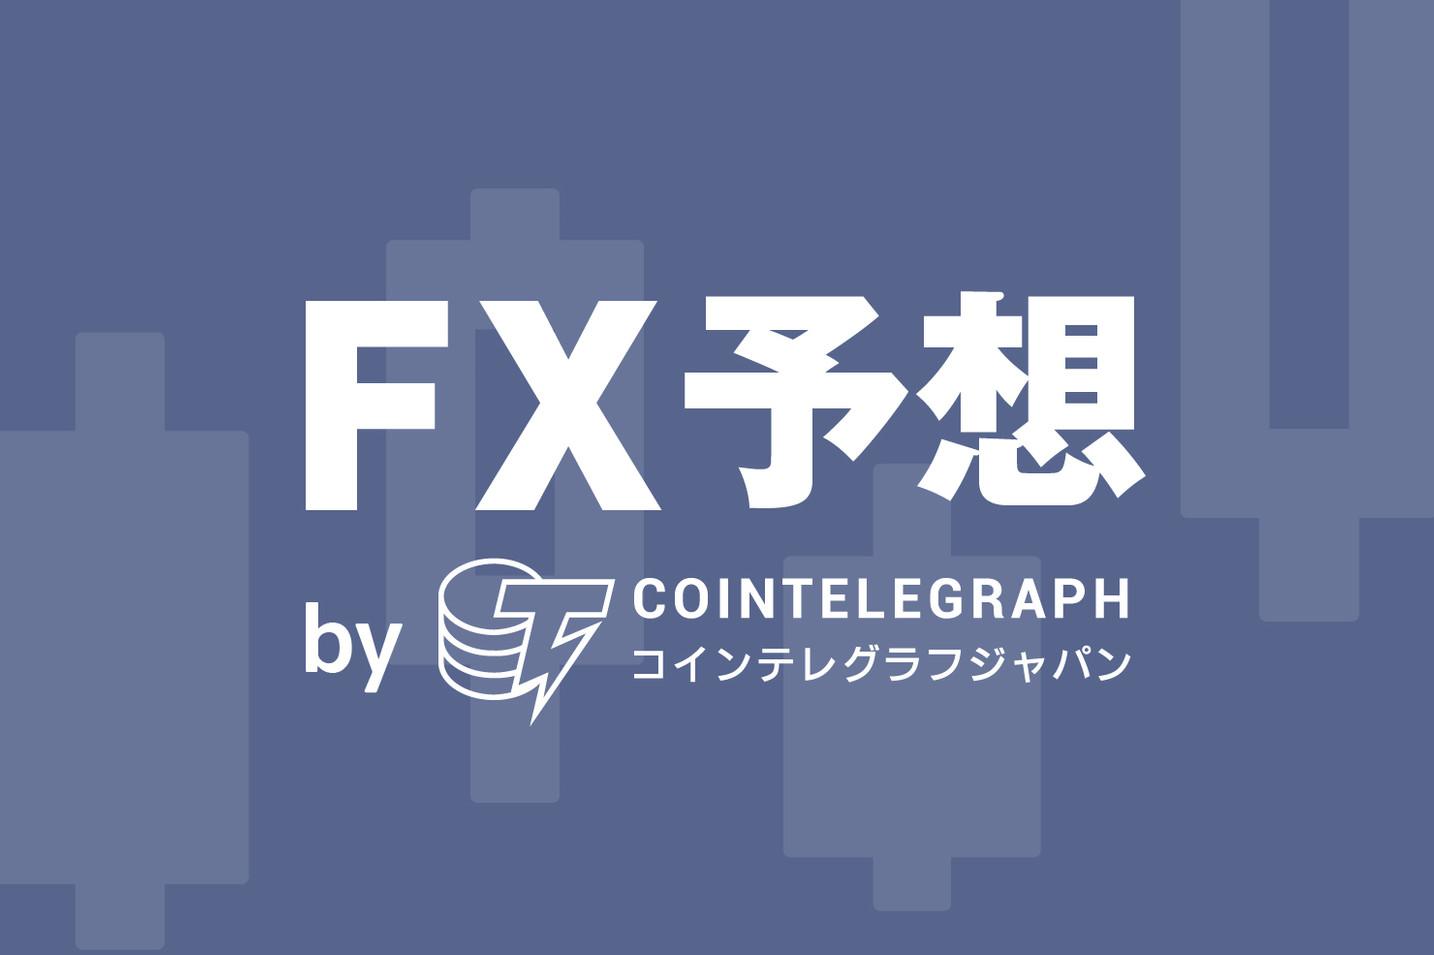 【ポンド円FX予想】新型肺炎への警戒が必要